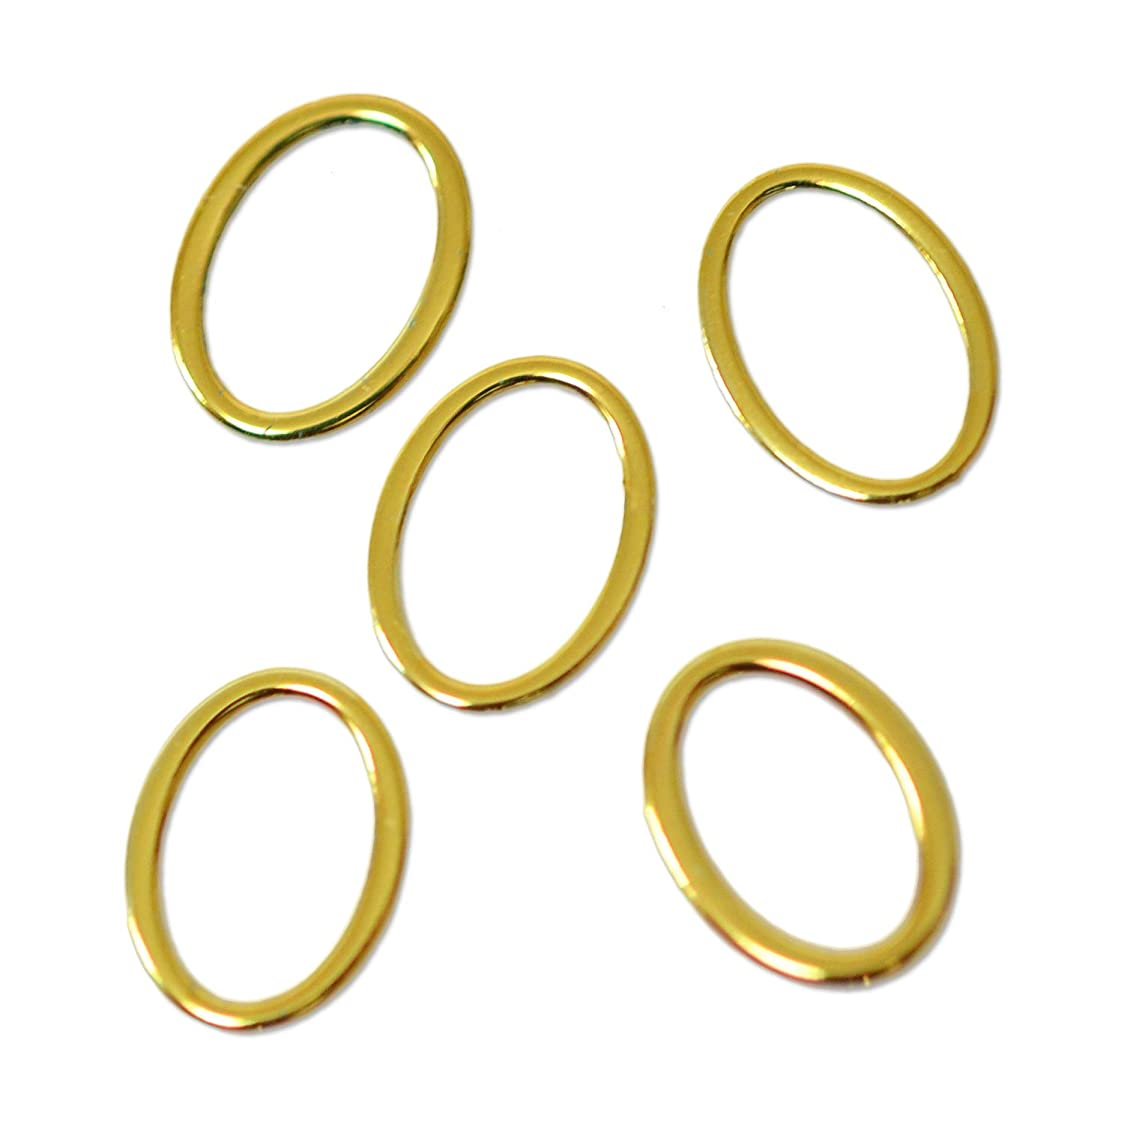 しなやかな伝導上回る薄型メタルパーツ10010 オーバル 楕円形  外寸約4×6mm/内寸約3×5mm ゴールド 20個入り 片面仕上げ